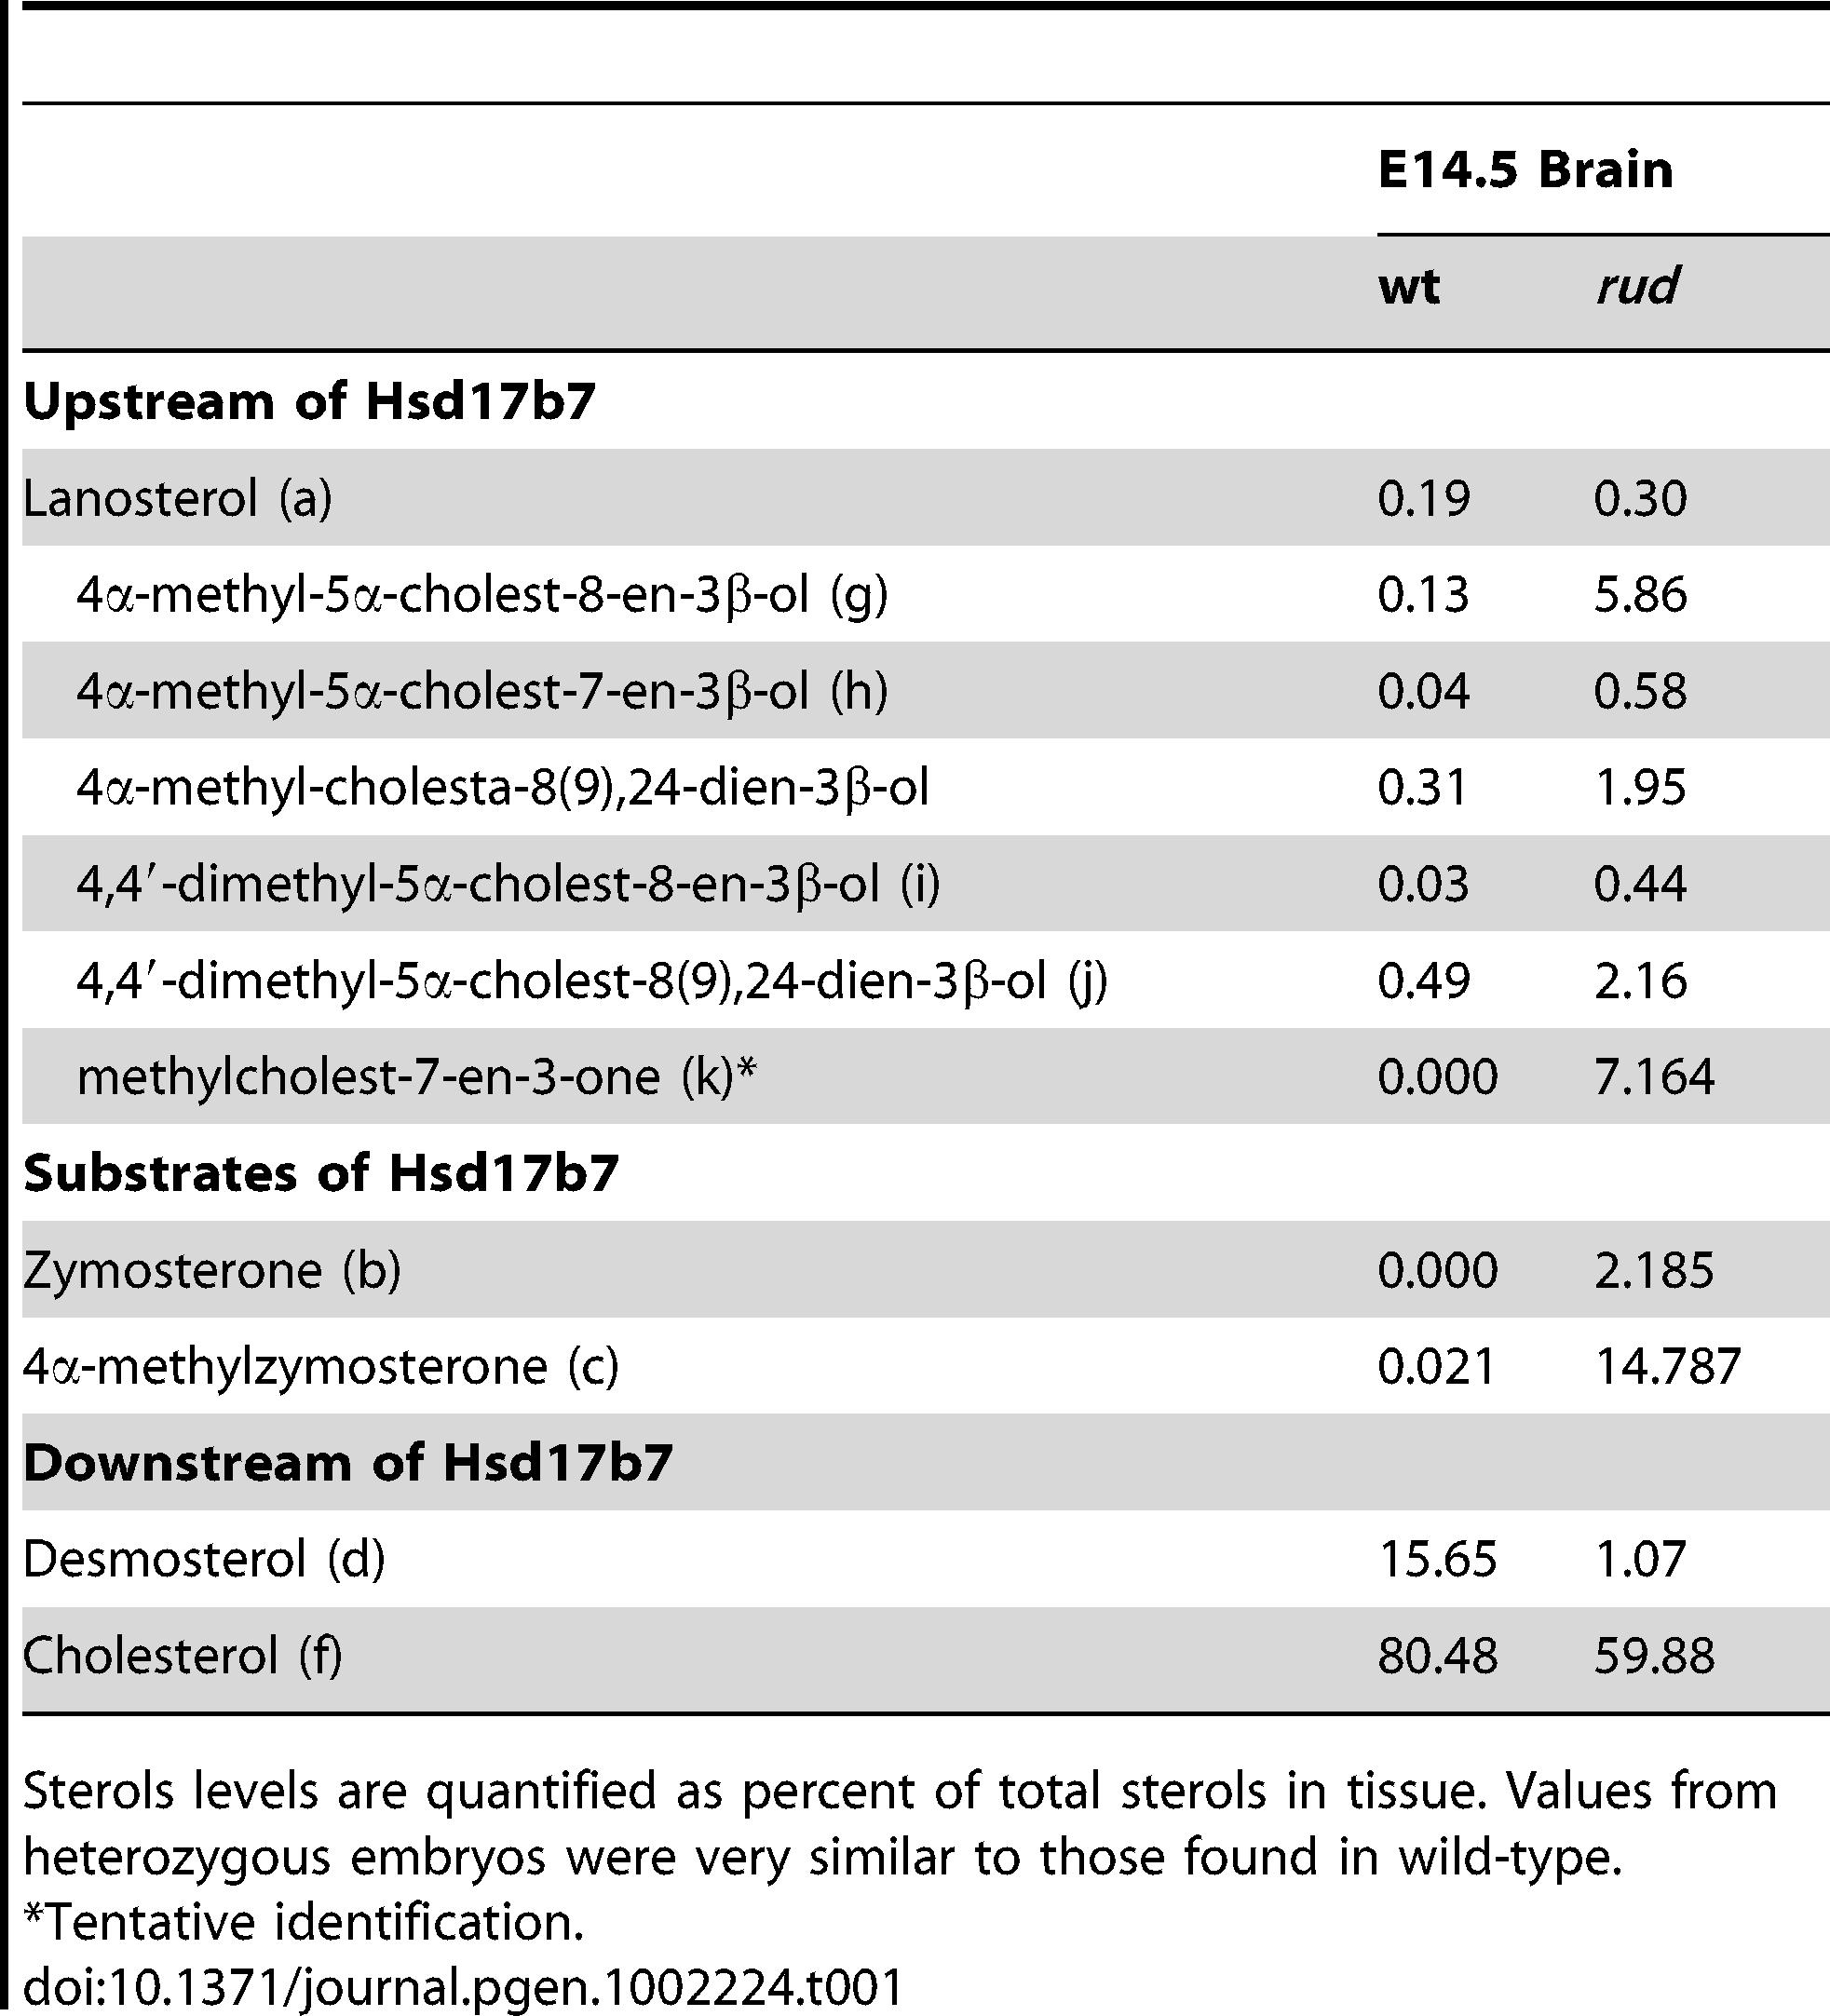 Analysis of sterols present in brain tissue.